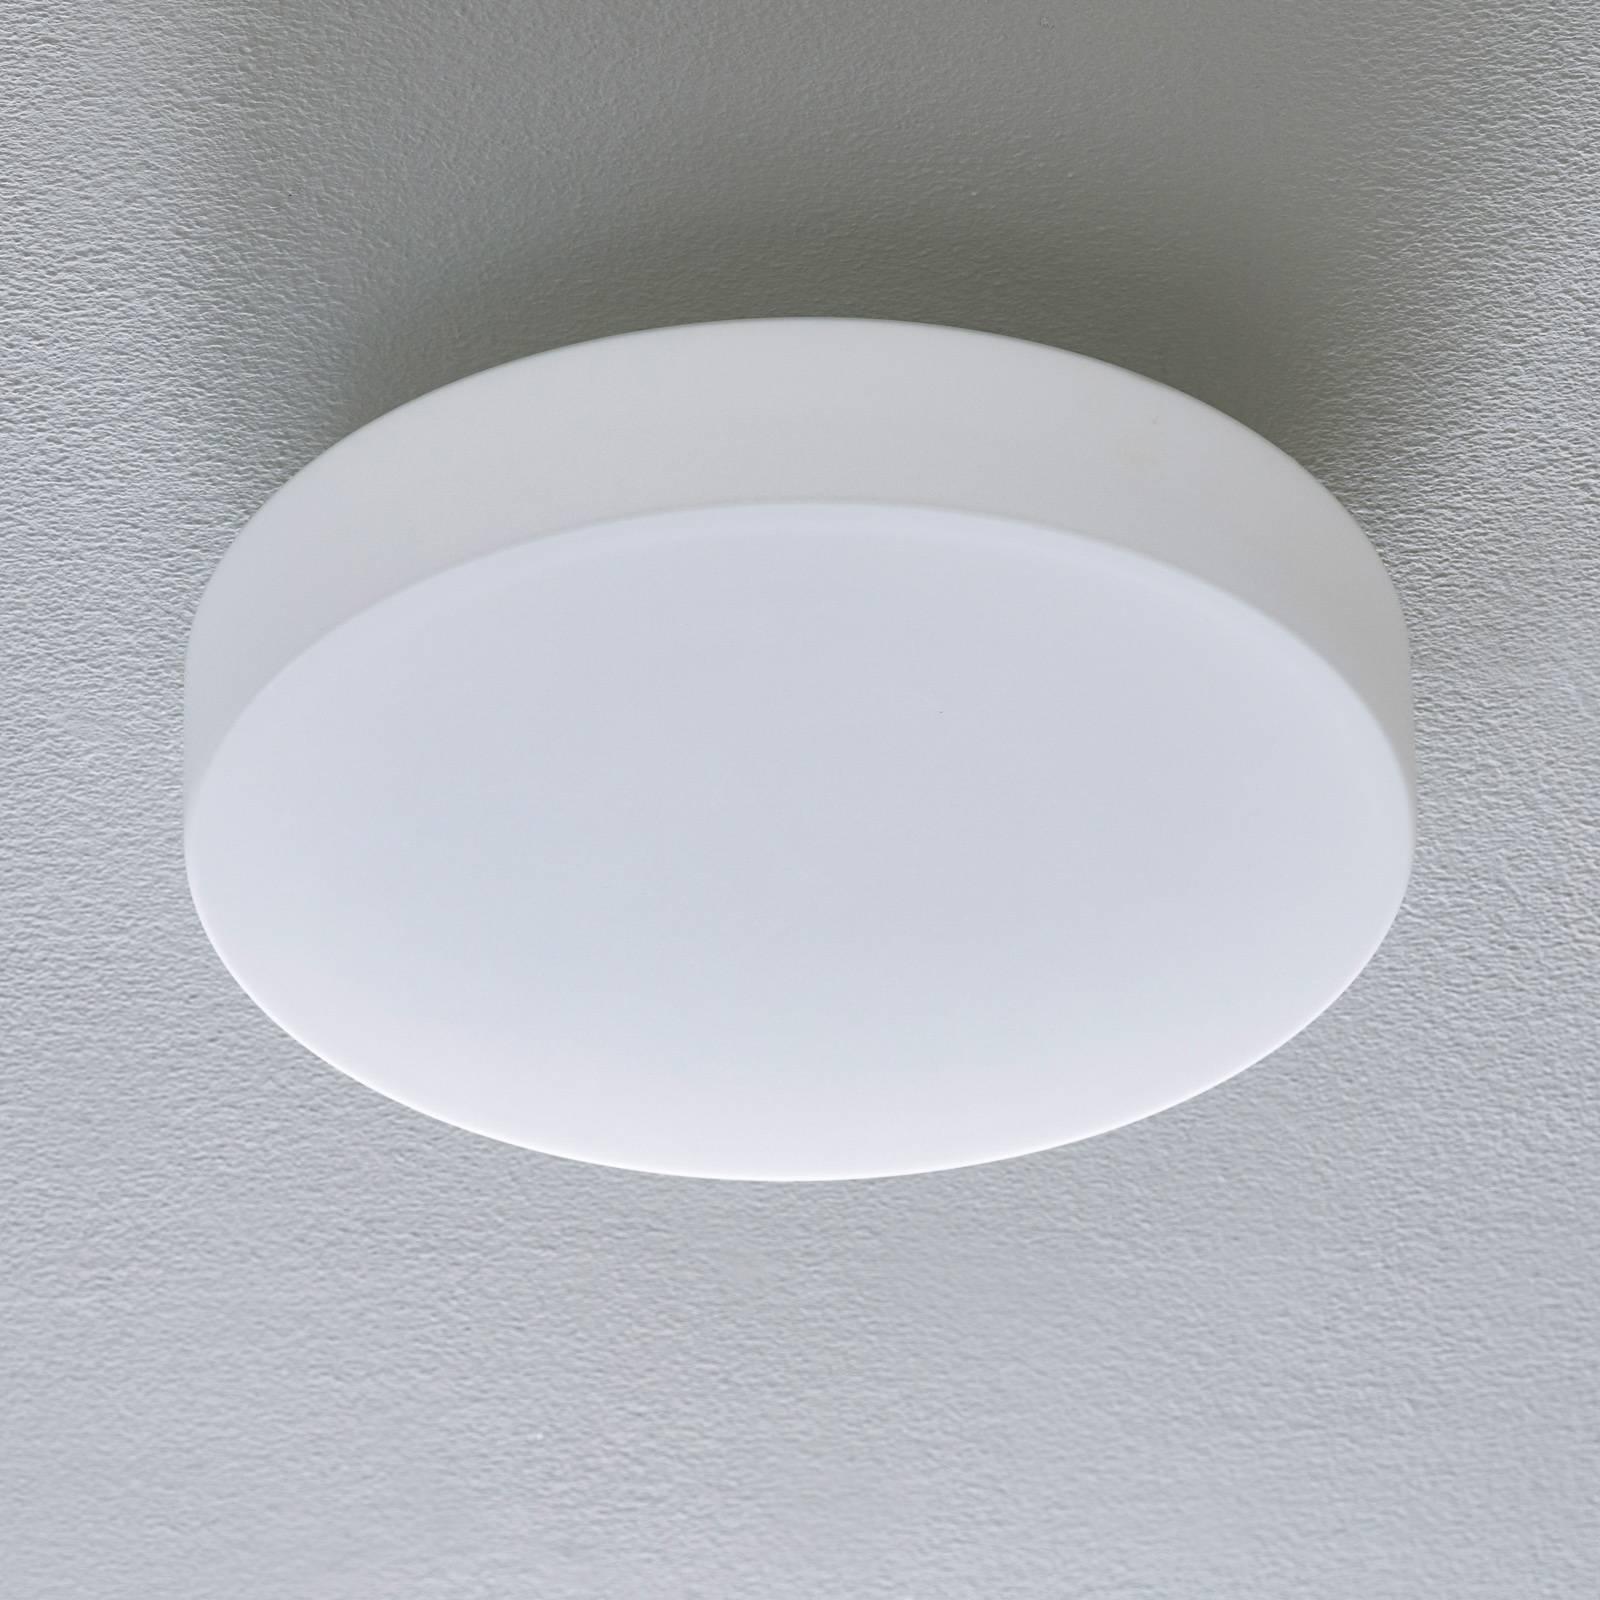 BEGA 34287 LED-kattovalaisin lasi DALI 4000K Ø34cm